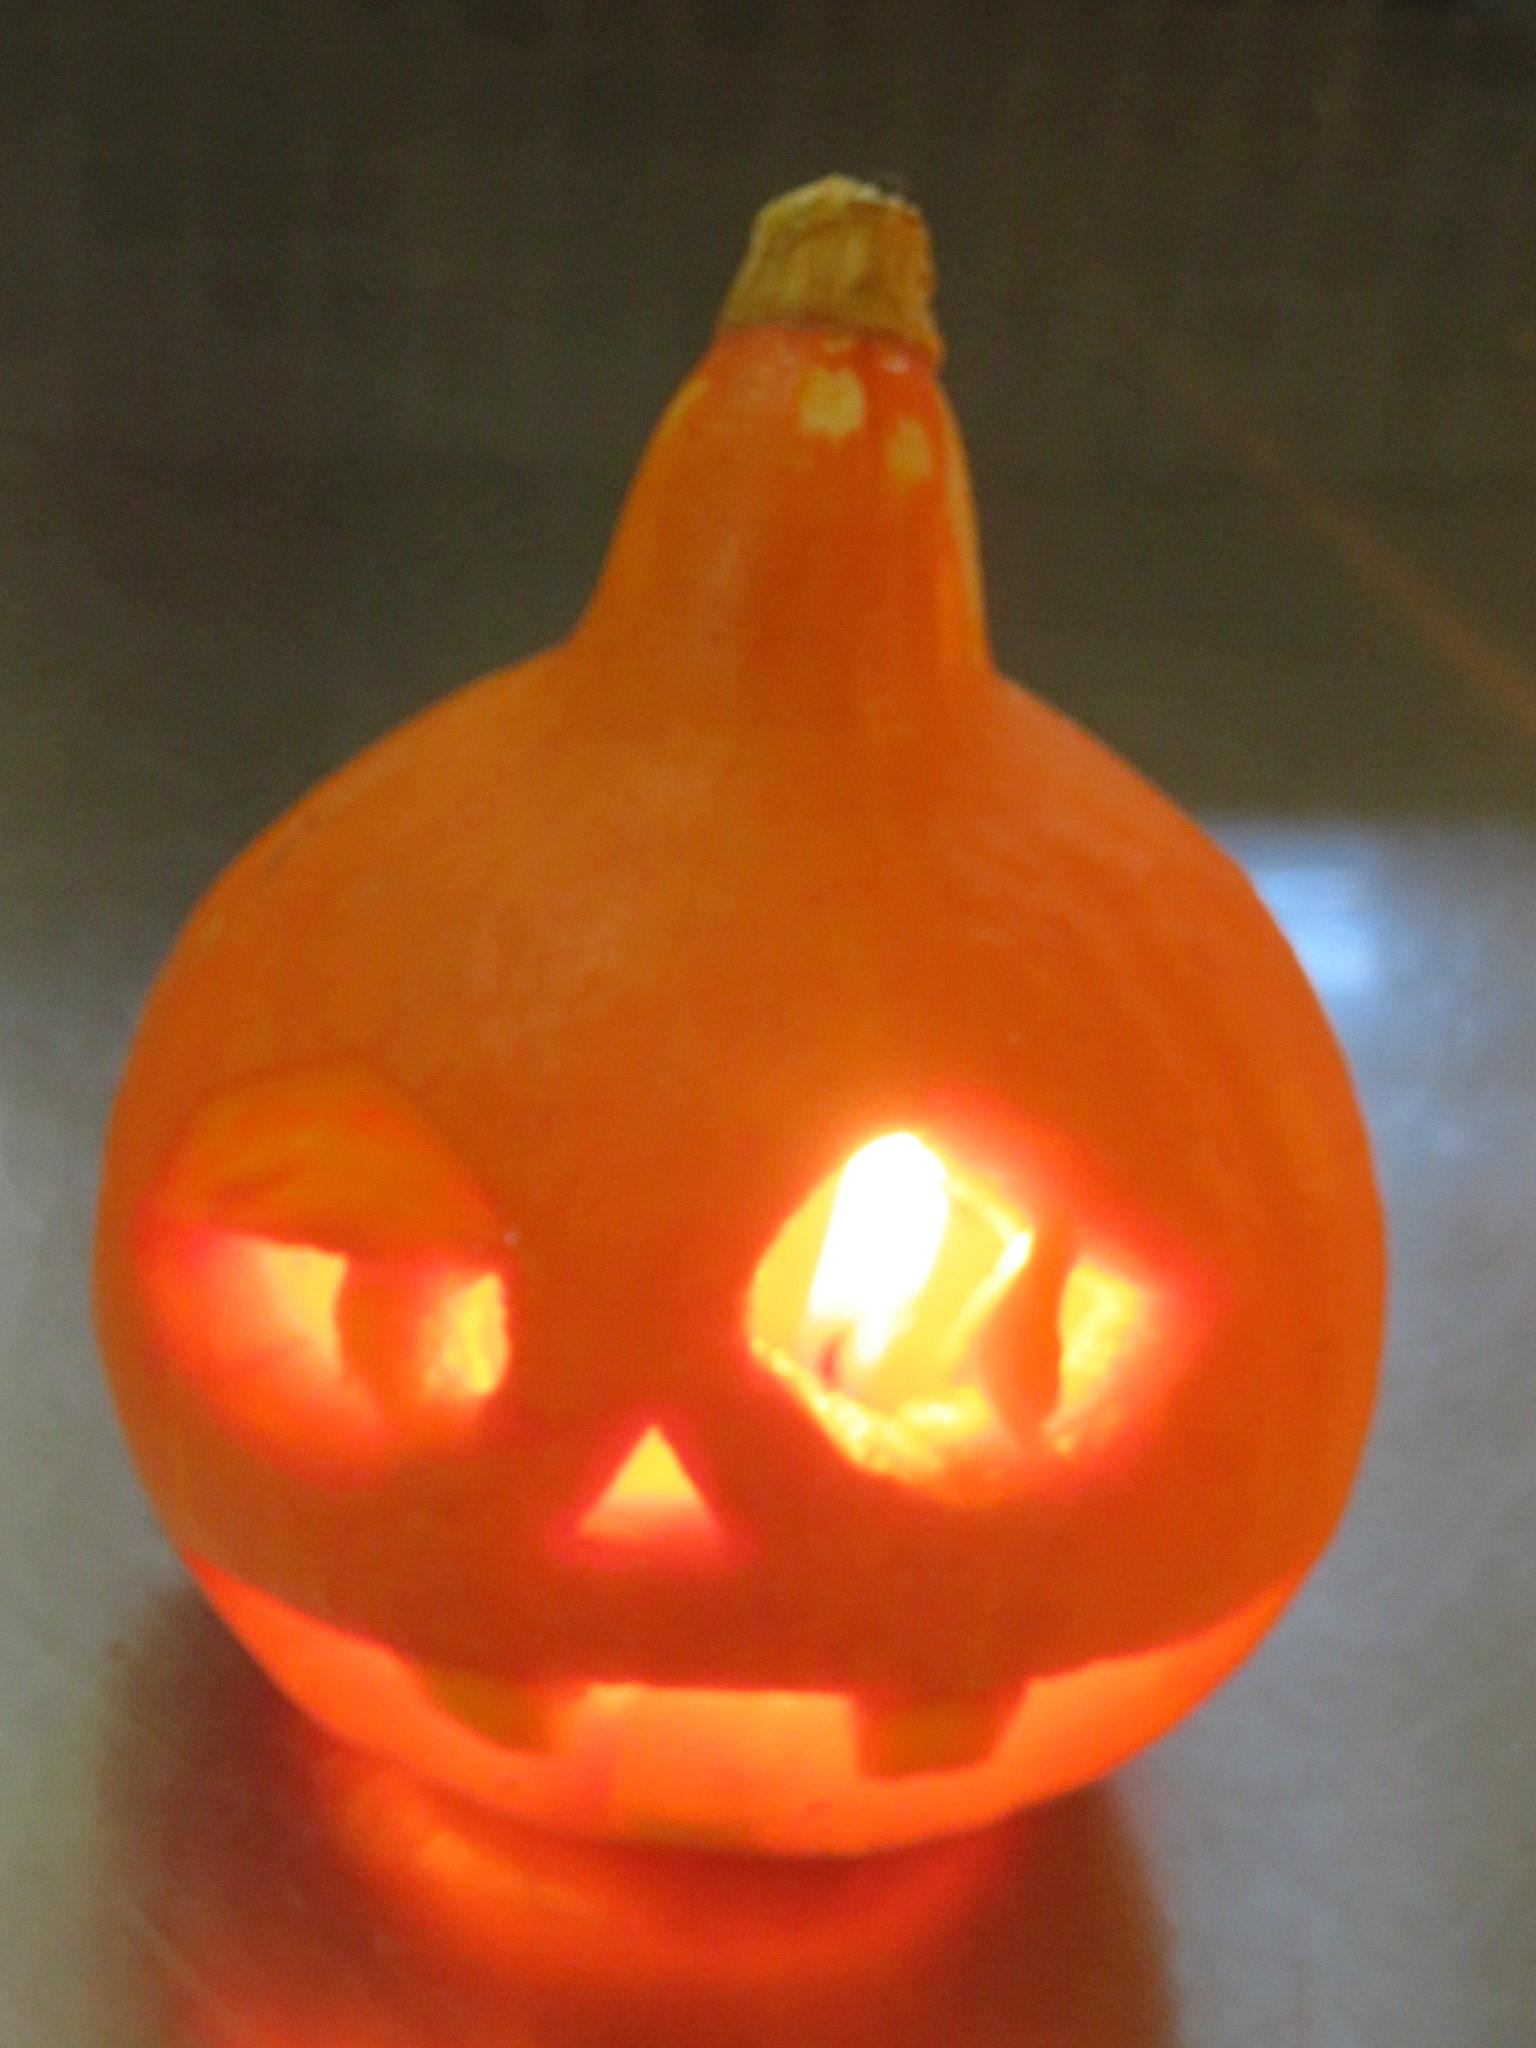 【活動報告】かぼちゃランタン作り体験